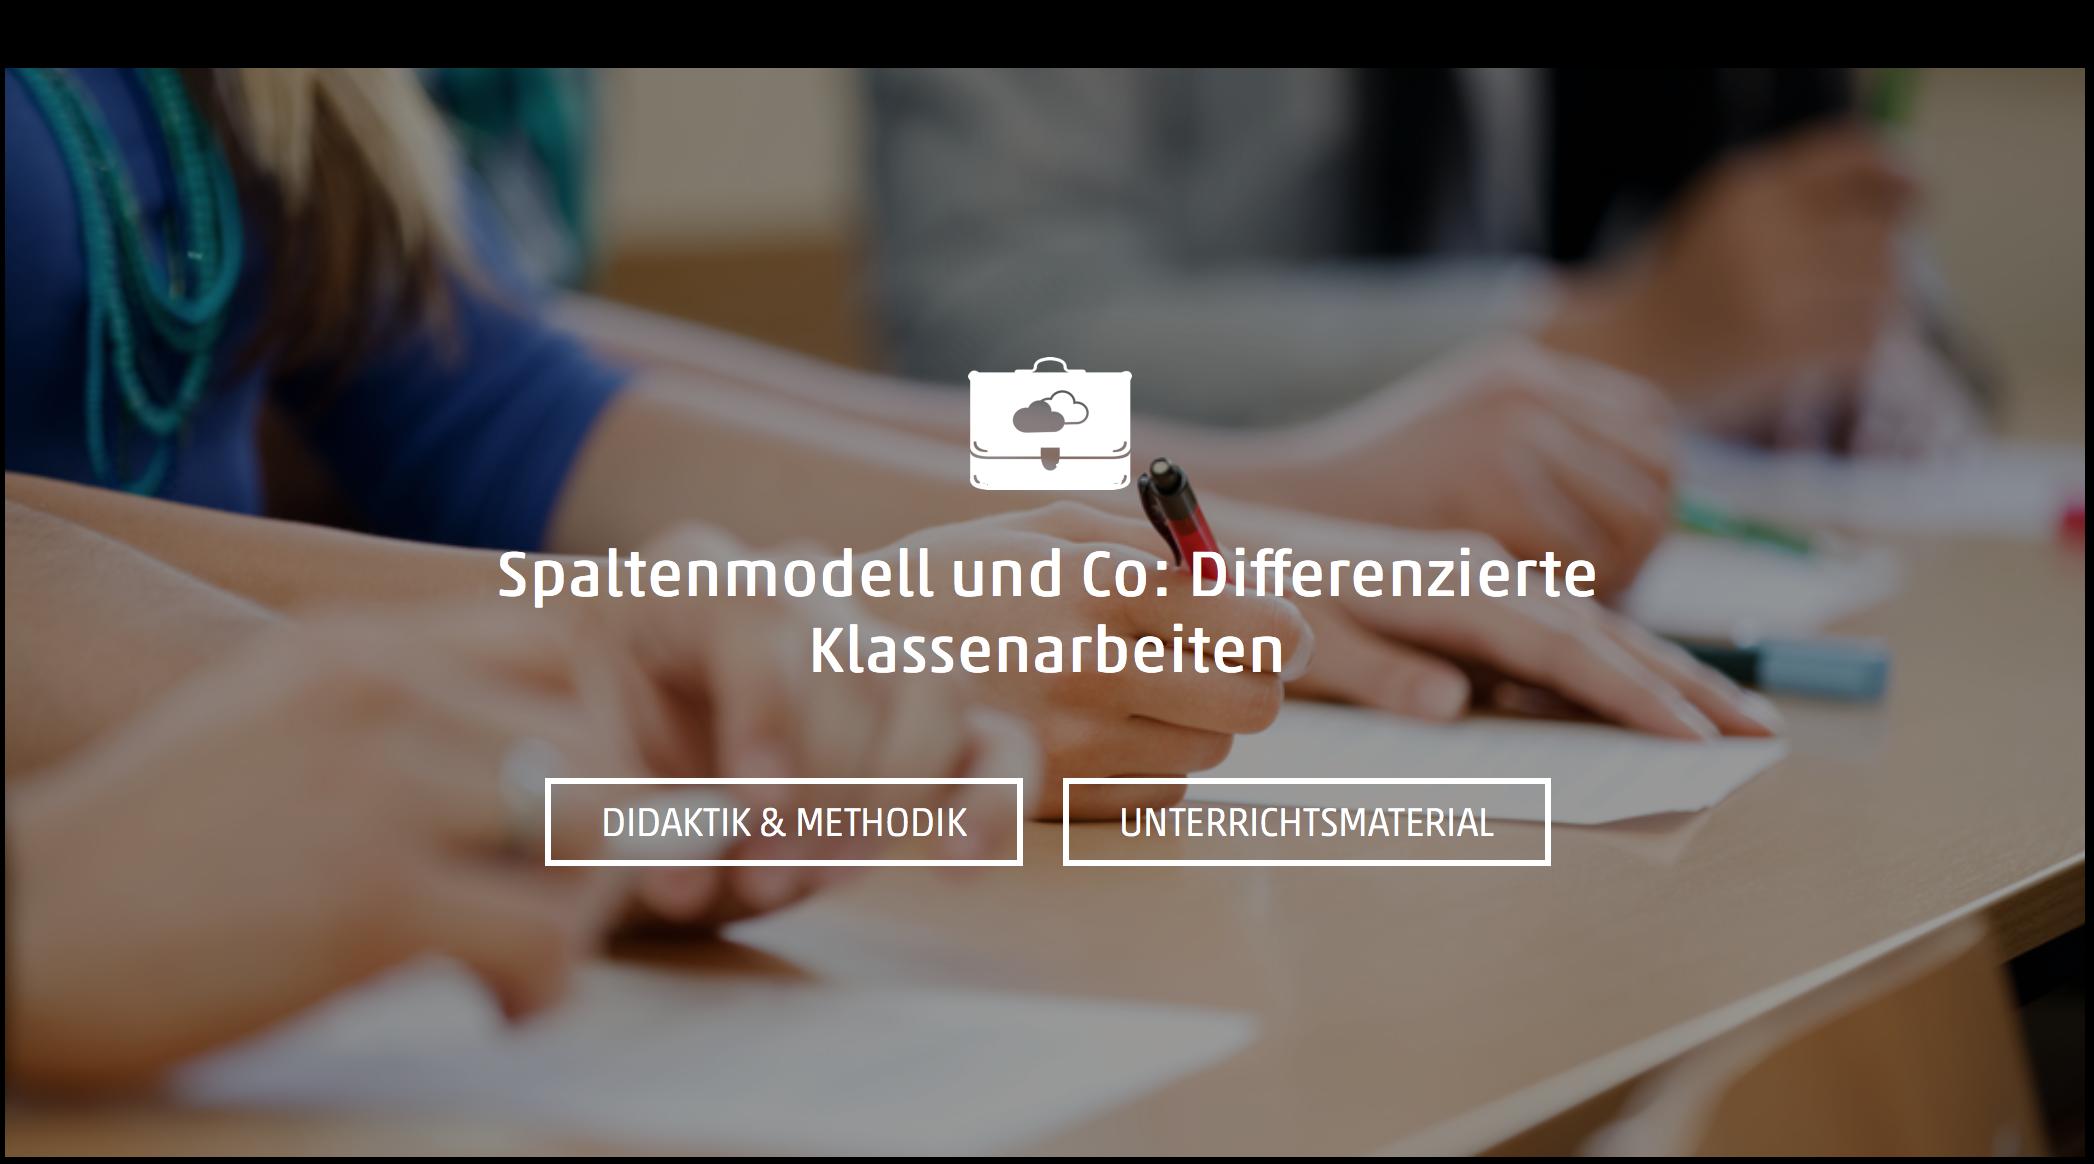 Spaltenmodell und Co: Differenzierte Klassenarbeiten   meinUnterricht.de